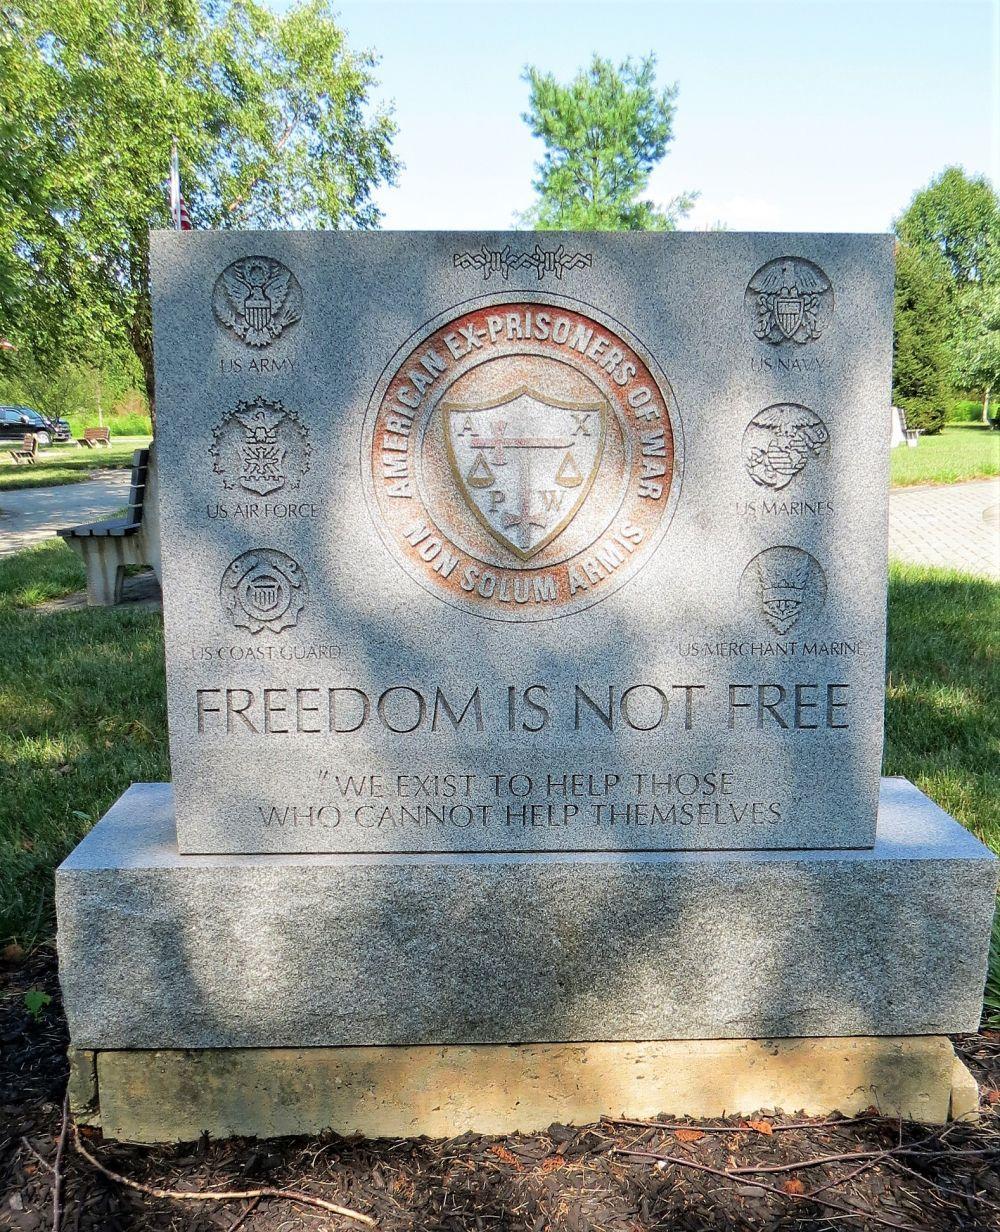 American Ex-Prisoners of War Memorial, Wrightstown, New Jersey